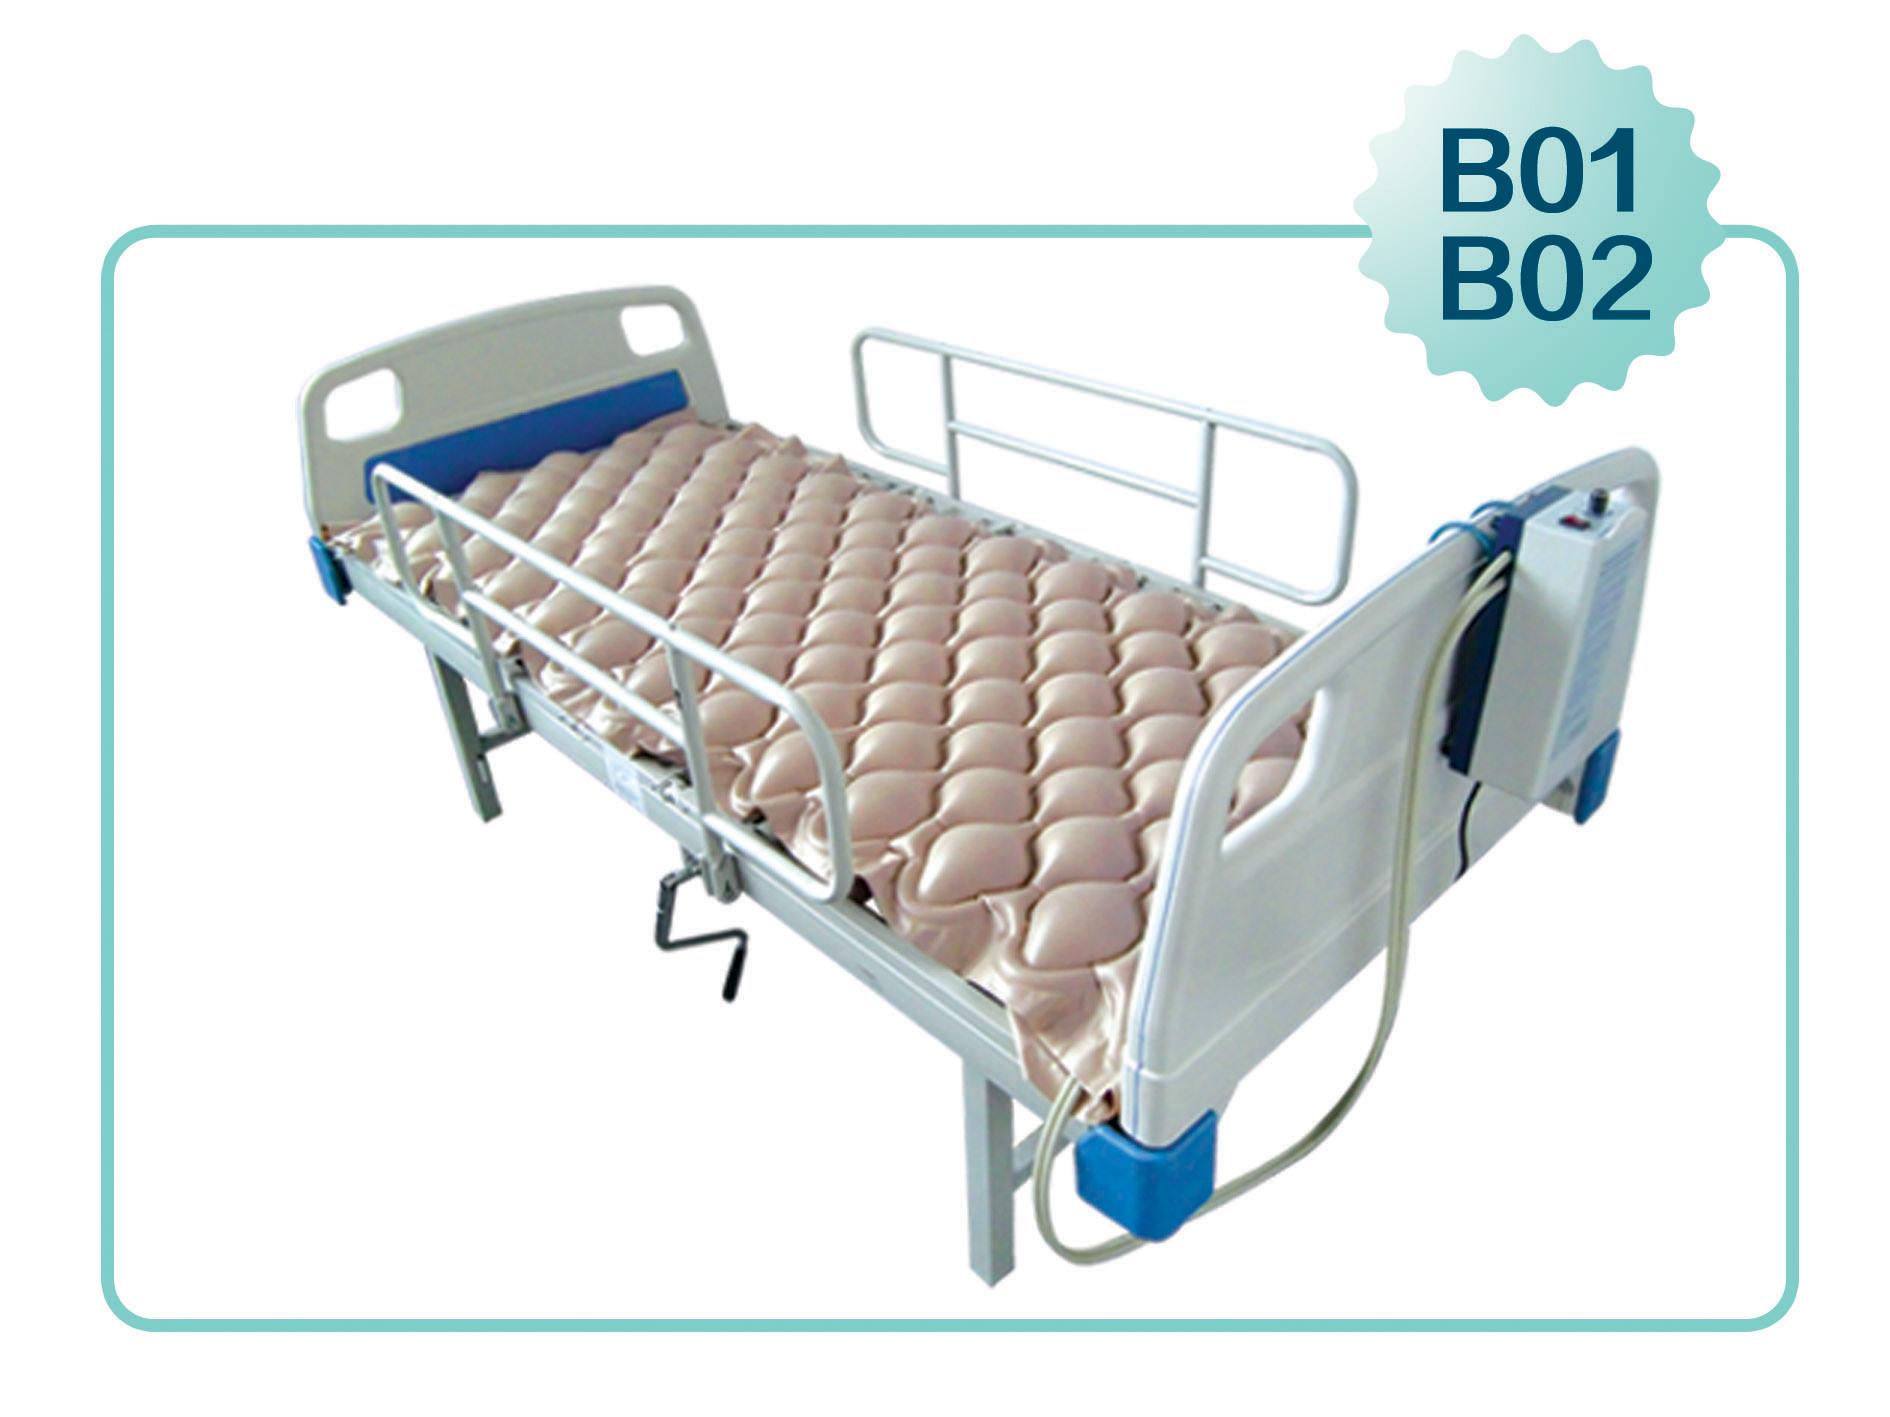 Bedsore App B01 China Medical Air Mattress Anti Decubitus Pictures